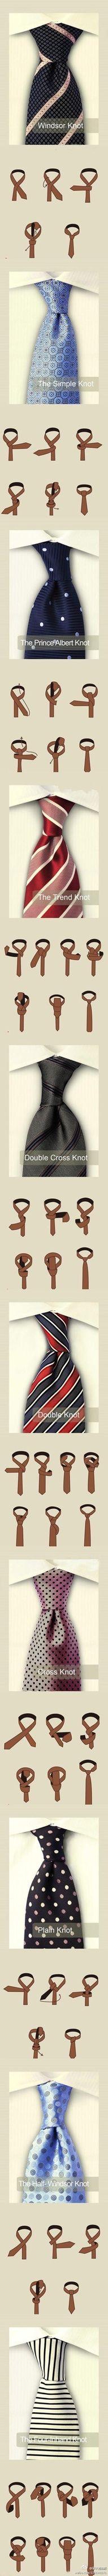 nós de gravata - tutorial